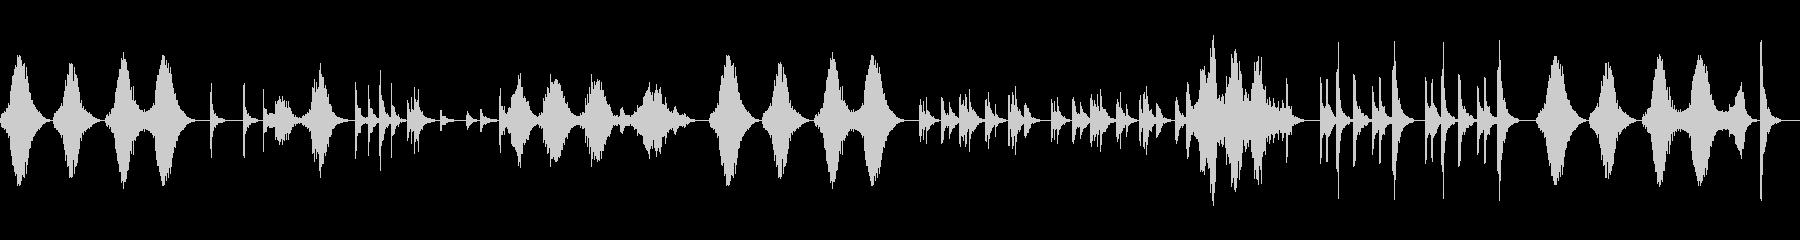 マリンバで癒しの空間を作りますの未再生の波形